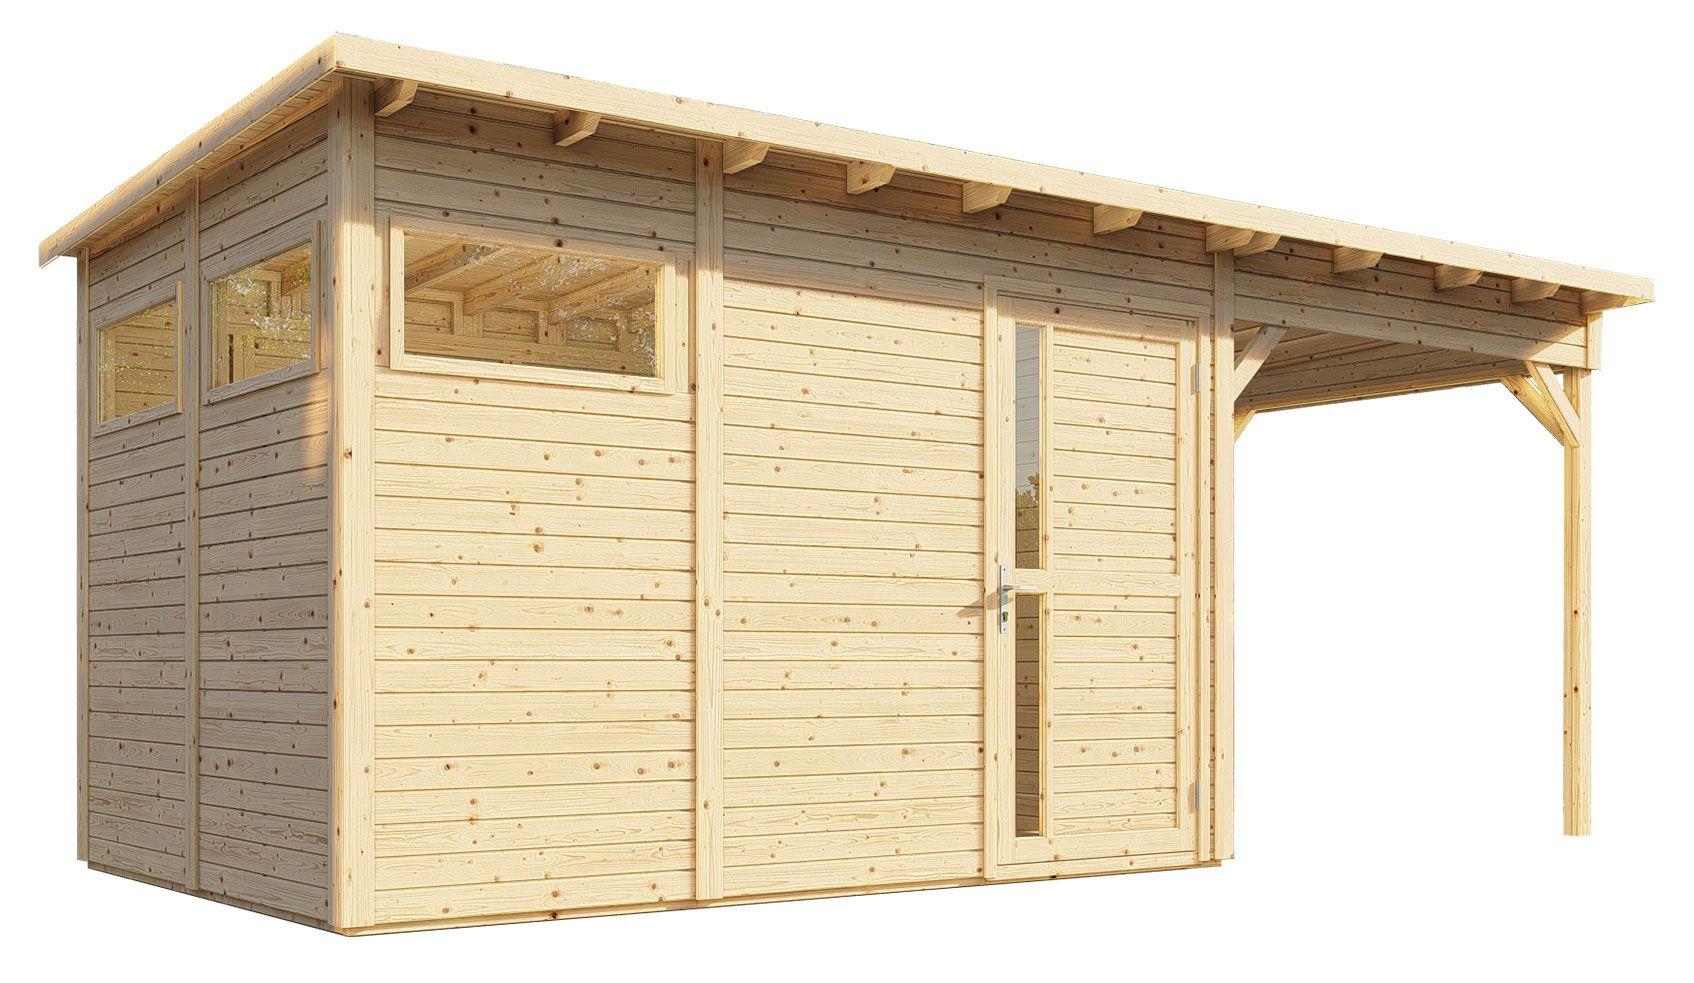 tuinhuis Kiel 03 met uitbouw dak incl. vloer en dakleer vilt, onbehandeld - 19 mm element tuinhuis, bruikbare oppervlakte: 7,70 m², plat dak